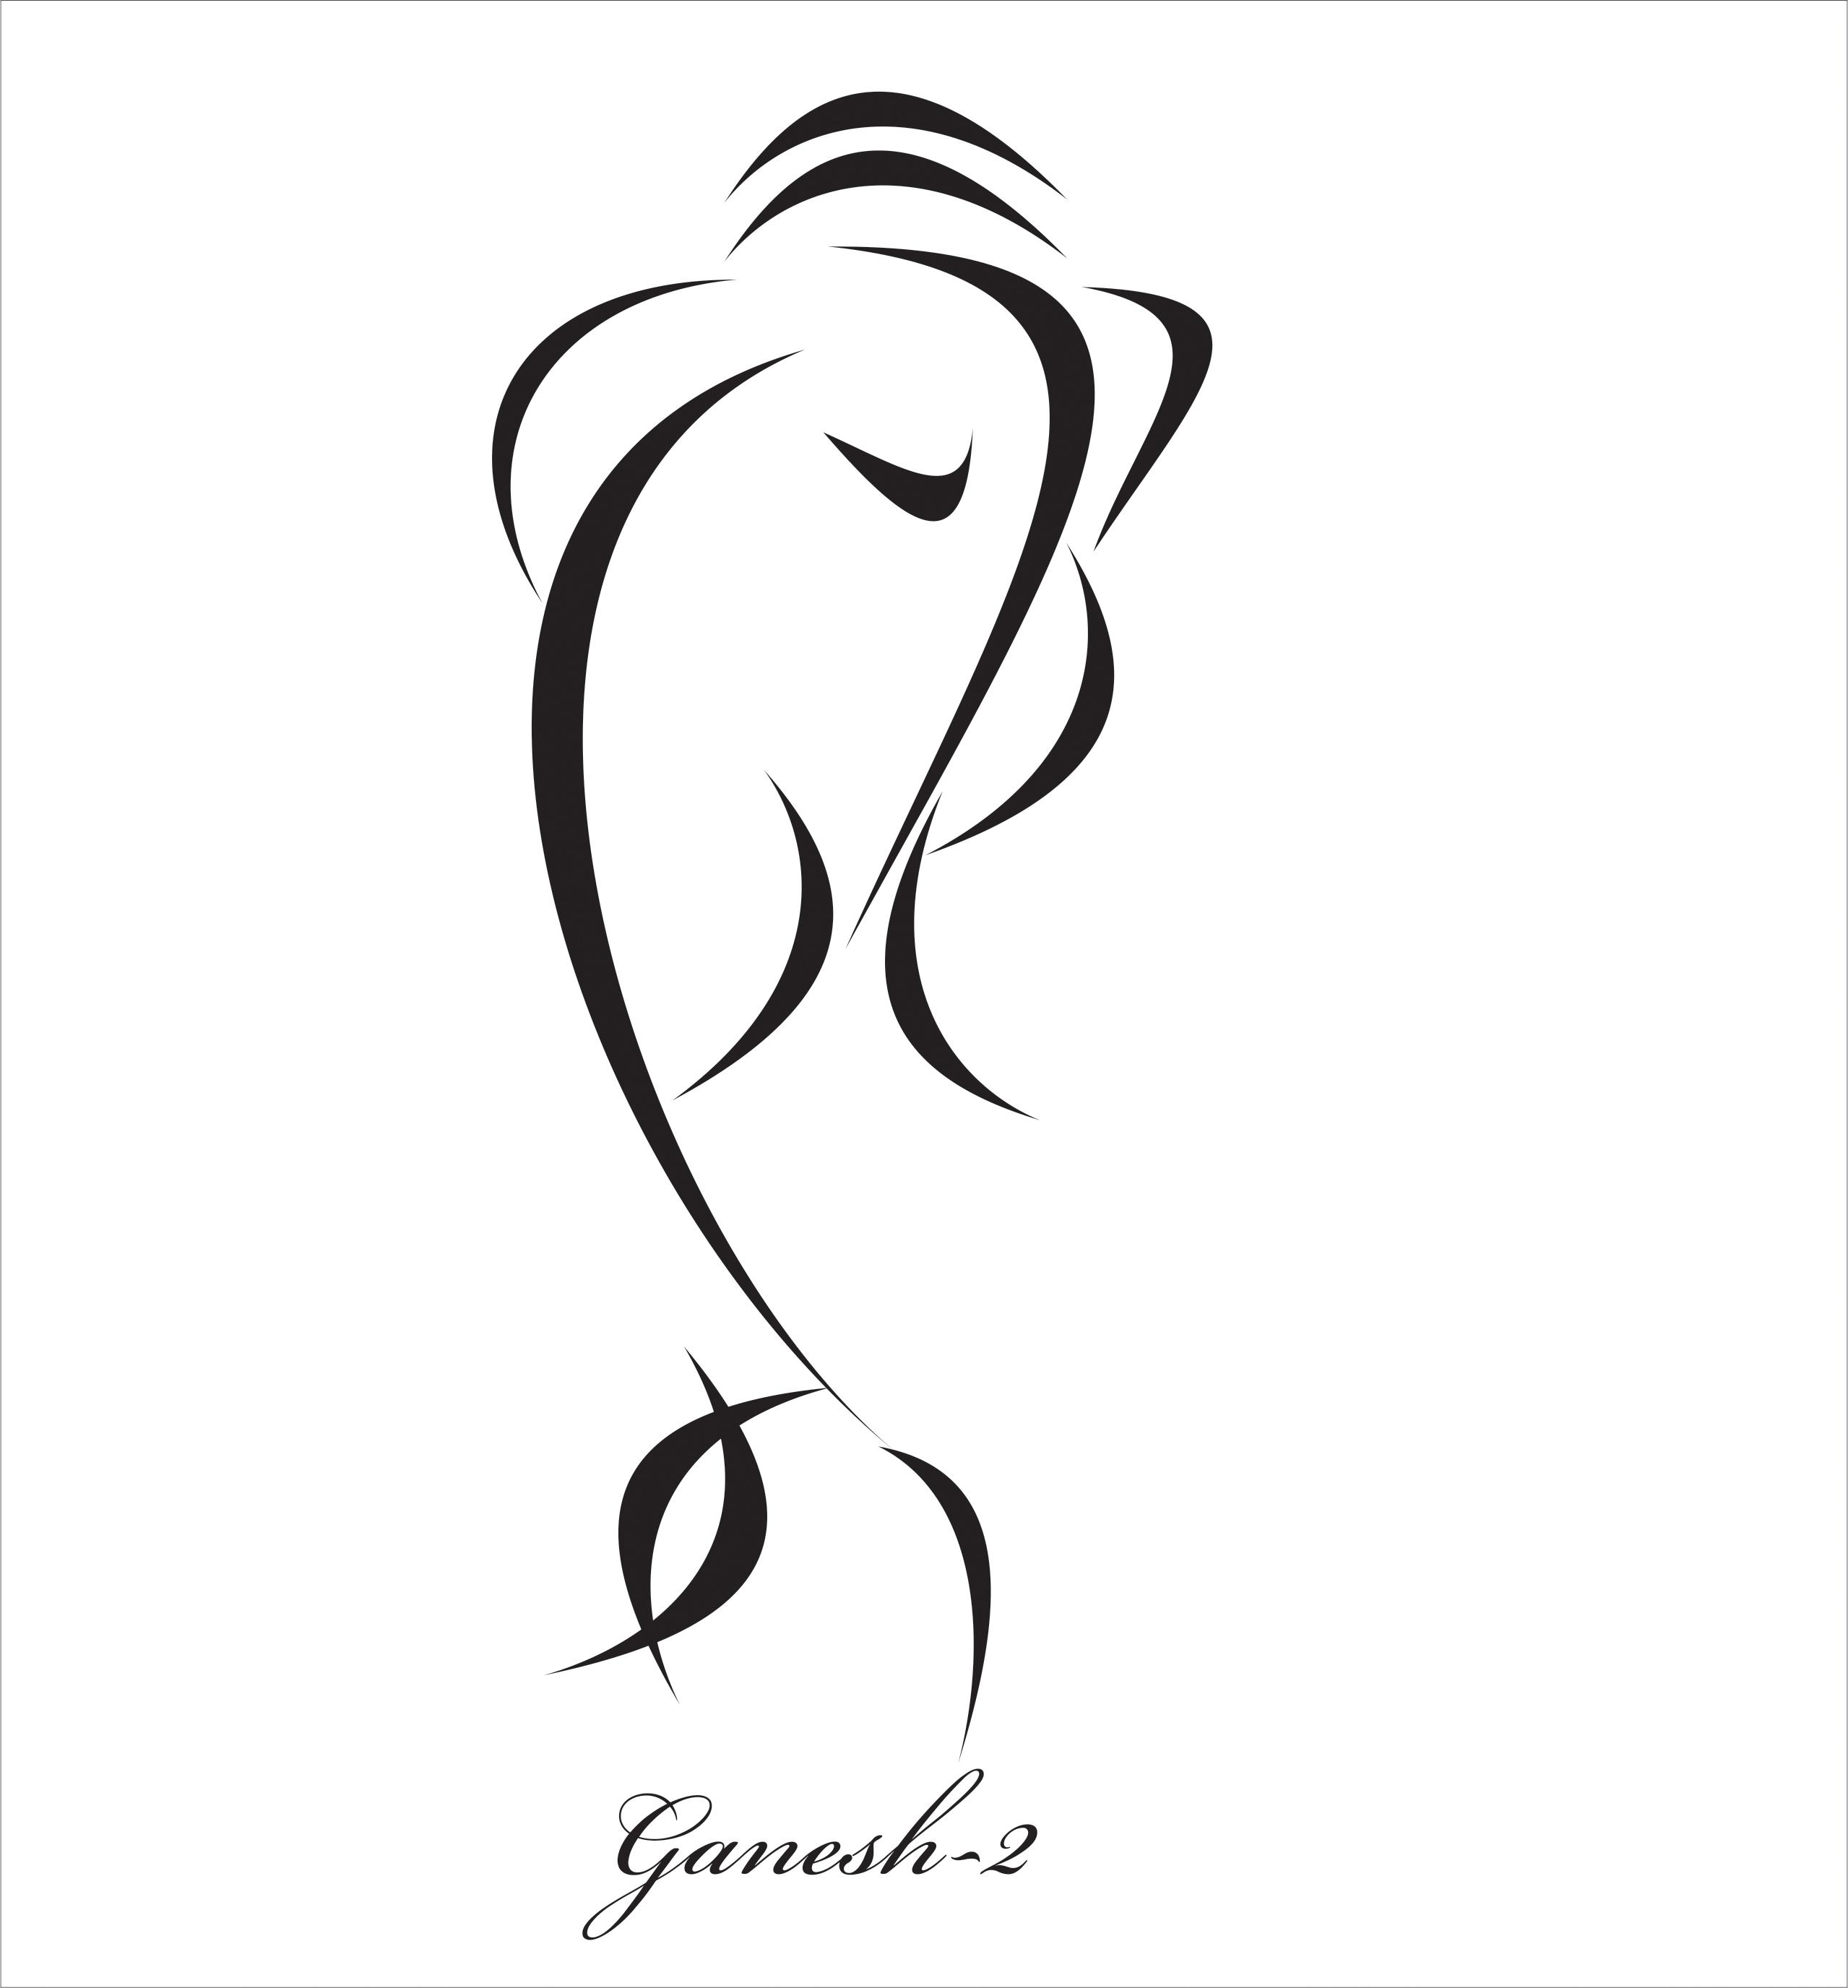 Ganesha Sketch - Cliparts.co